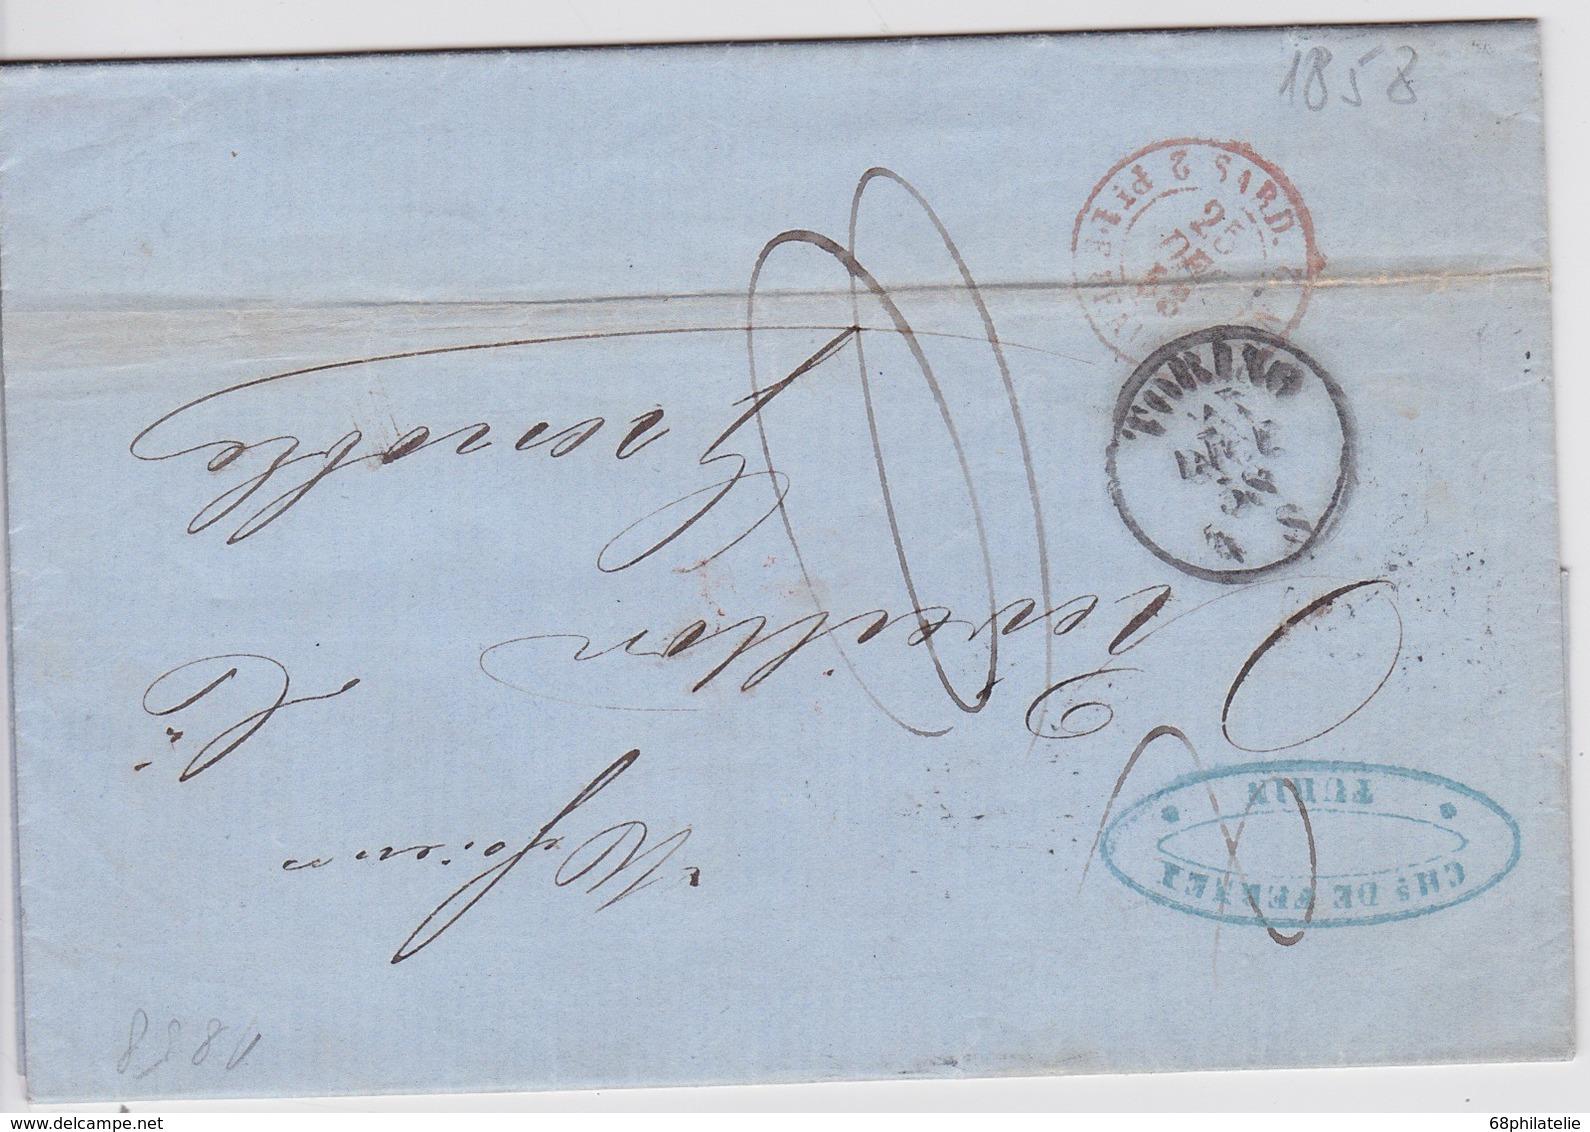 ITALIE 1858 LETTRE AVEC CACHET ENTREE LE PONT DE BEAUVOISIN - Marcophilie (Lettres)